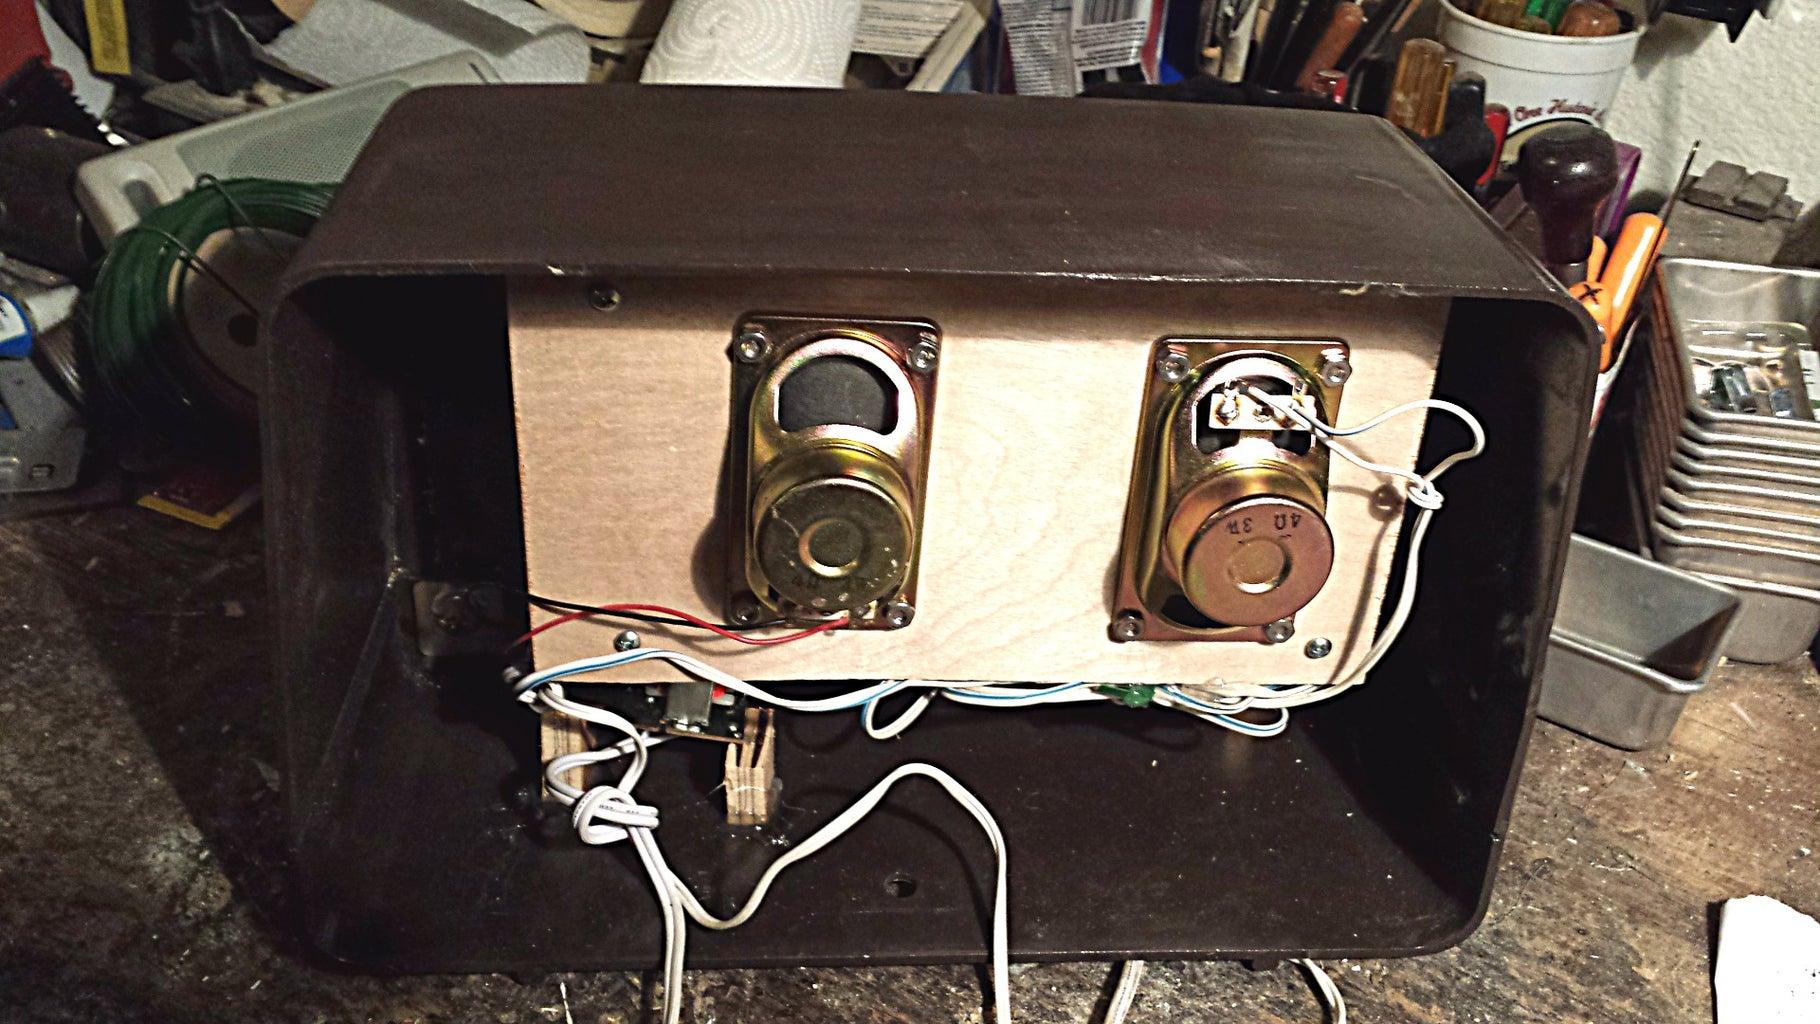 Mount the Amplifier & Speakers